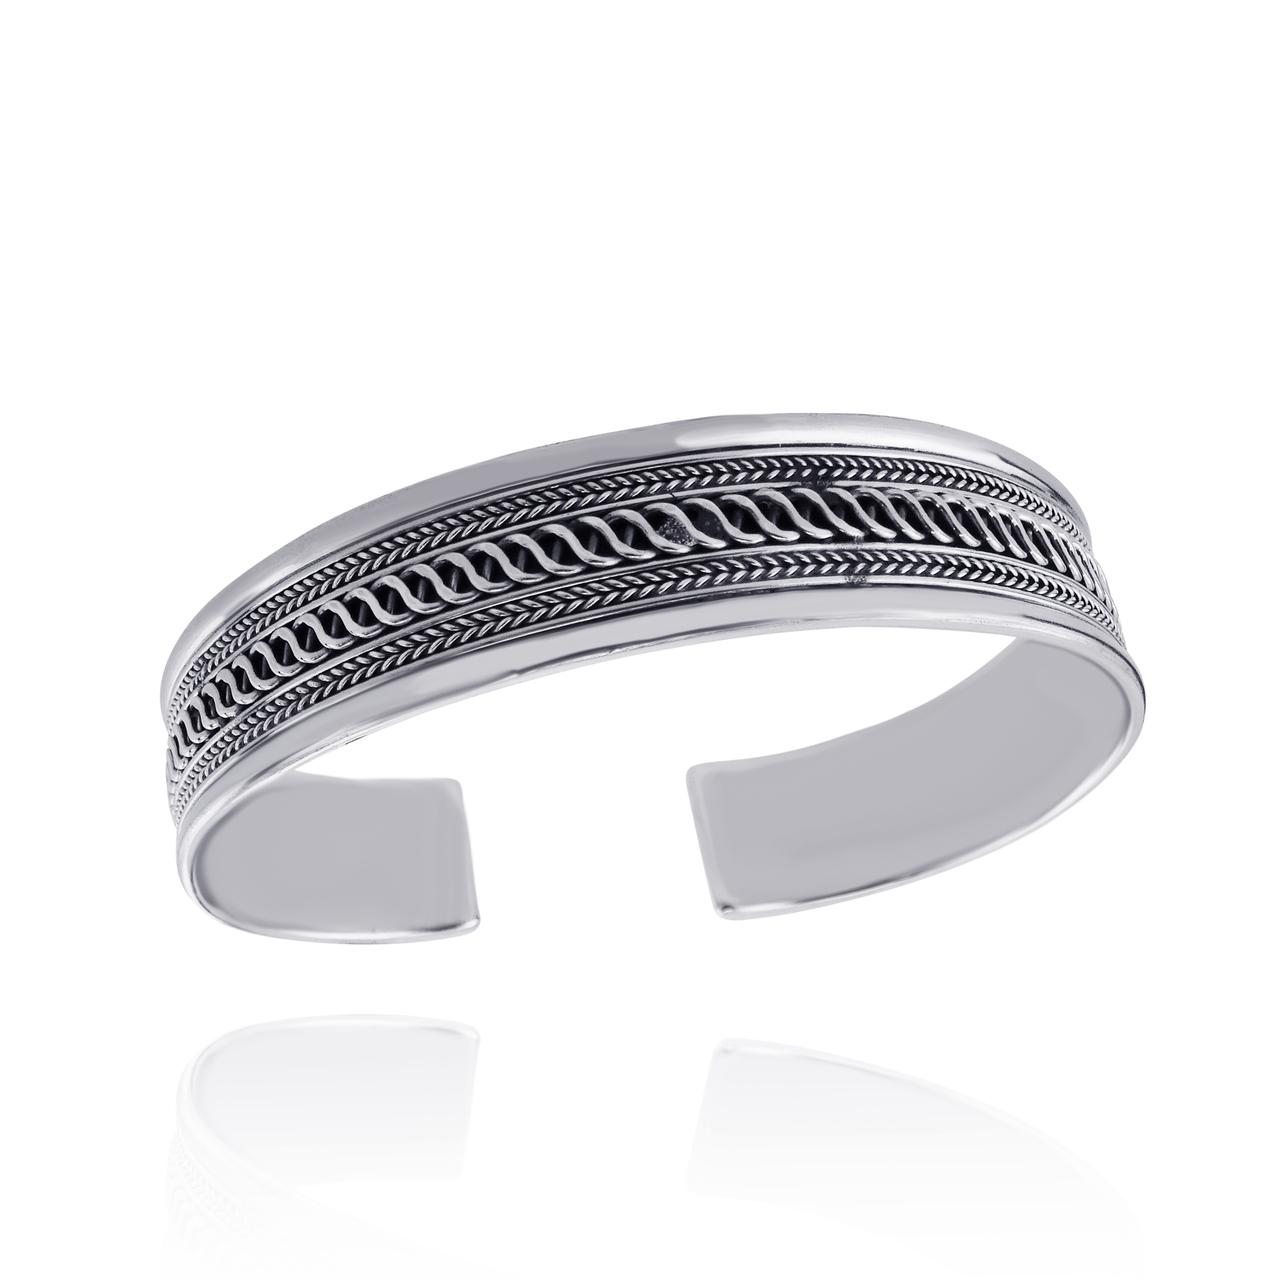 ''7.5'''' Twist Design Cuff Bracelet - 925 Sterling Silver - Braided Unisex''